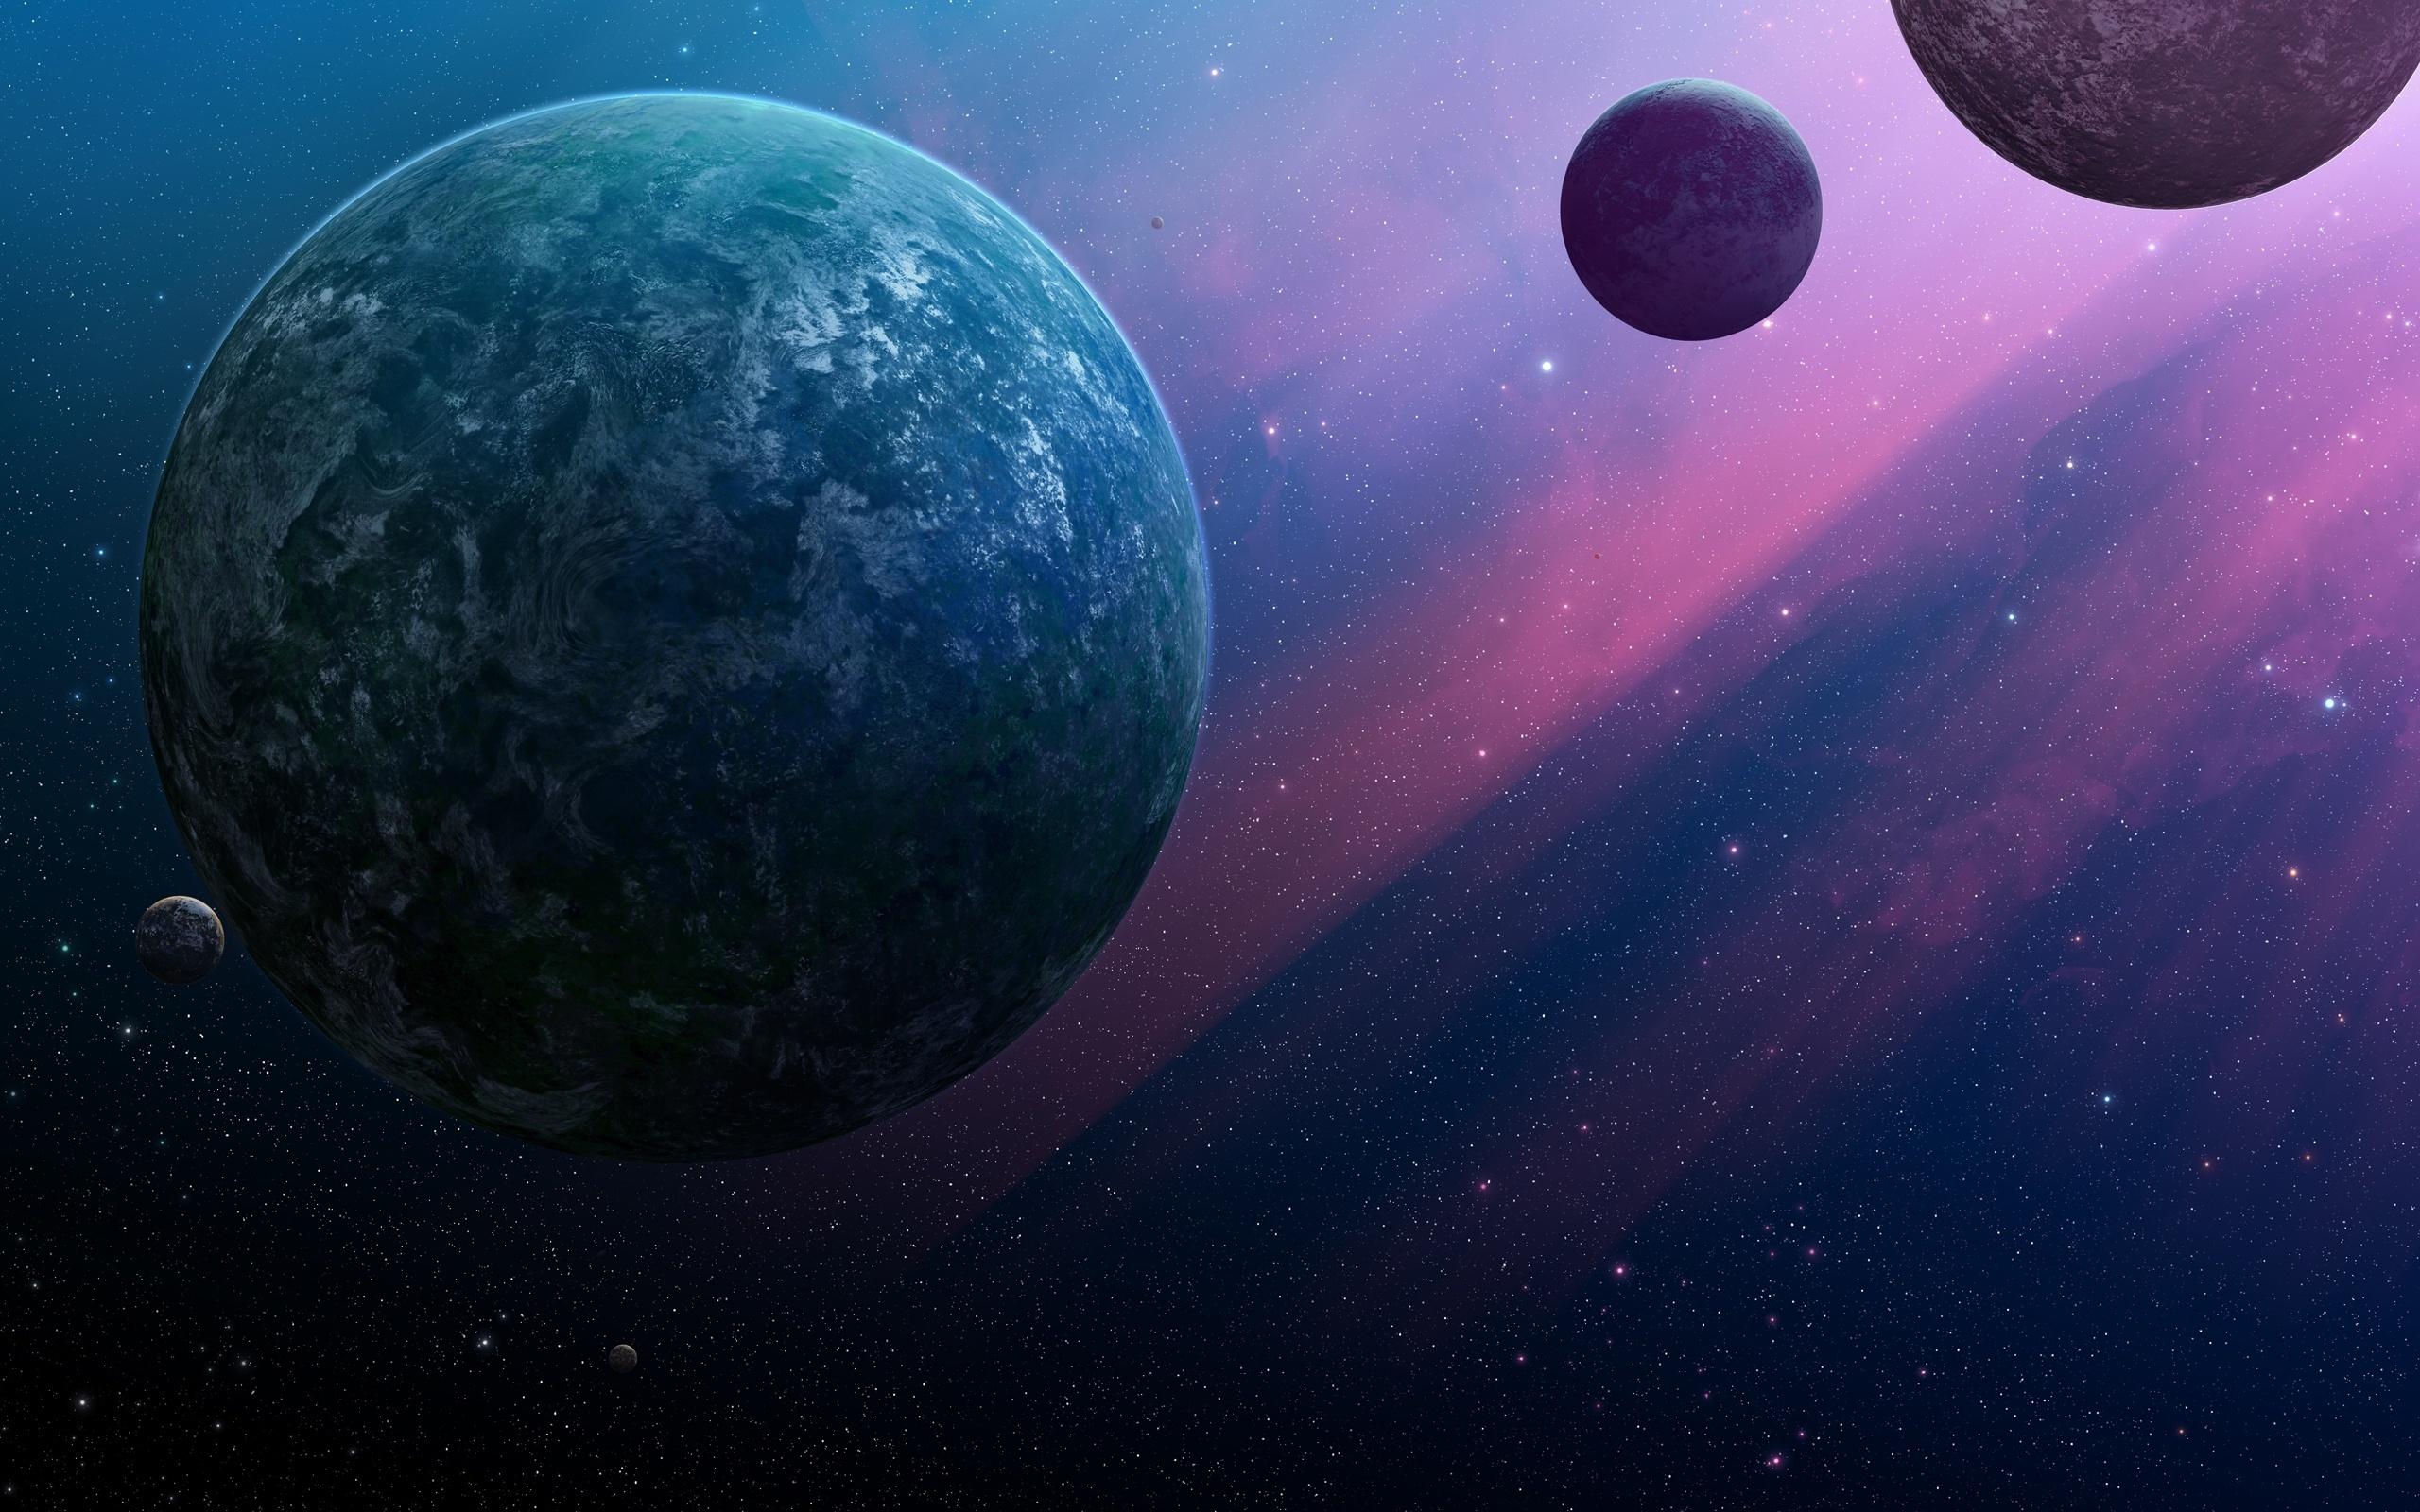 Обои Темная планета картинки на рабочий стол на тему Космос - скачать  № 1763119  скачать